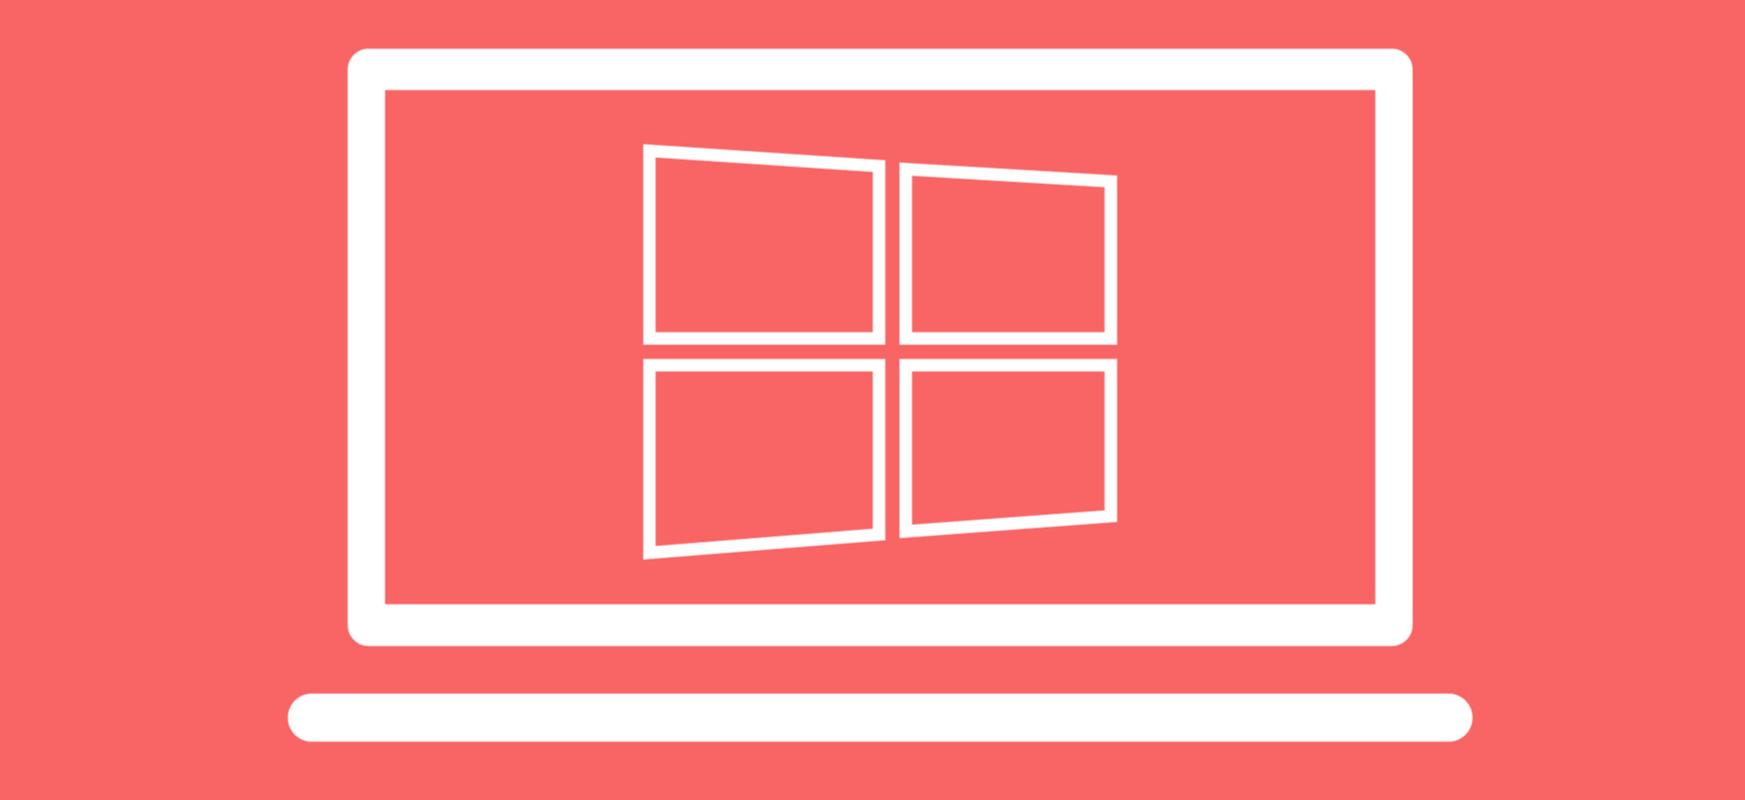 Windows 10 eguneratze hau lotsagarria da.  Batzuk ezin dira inprimatu, beste batzuk datuak galtzen dituzte